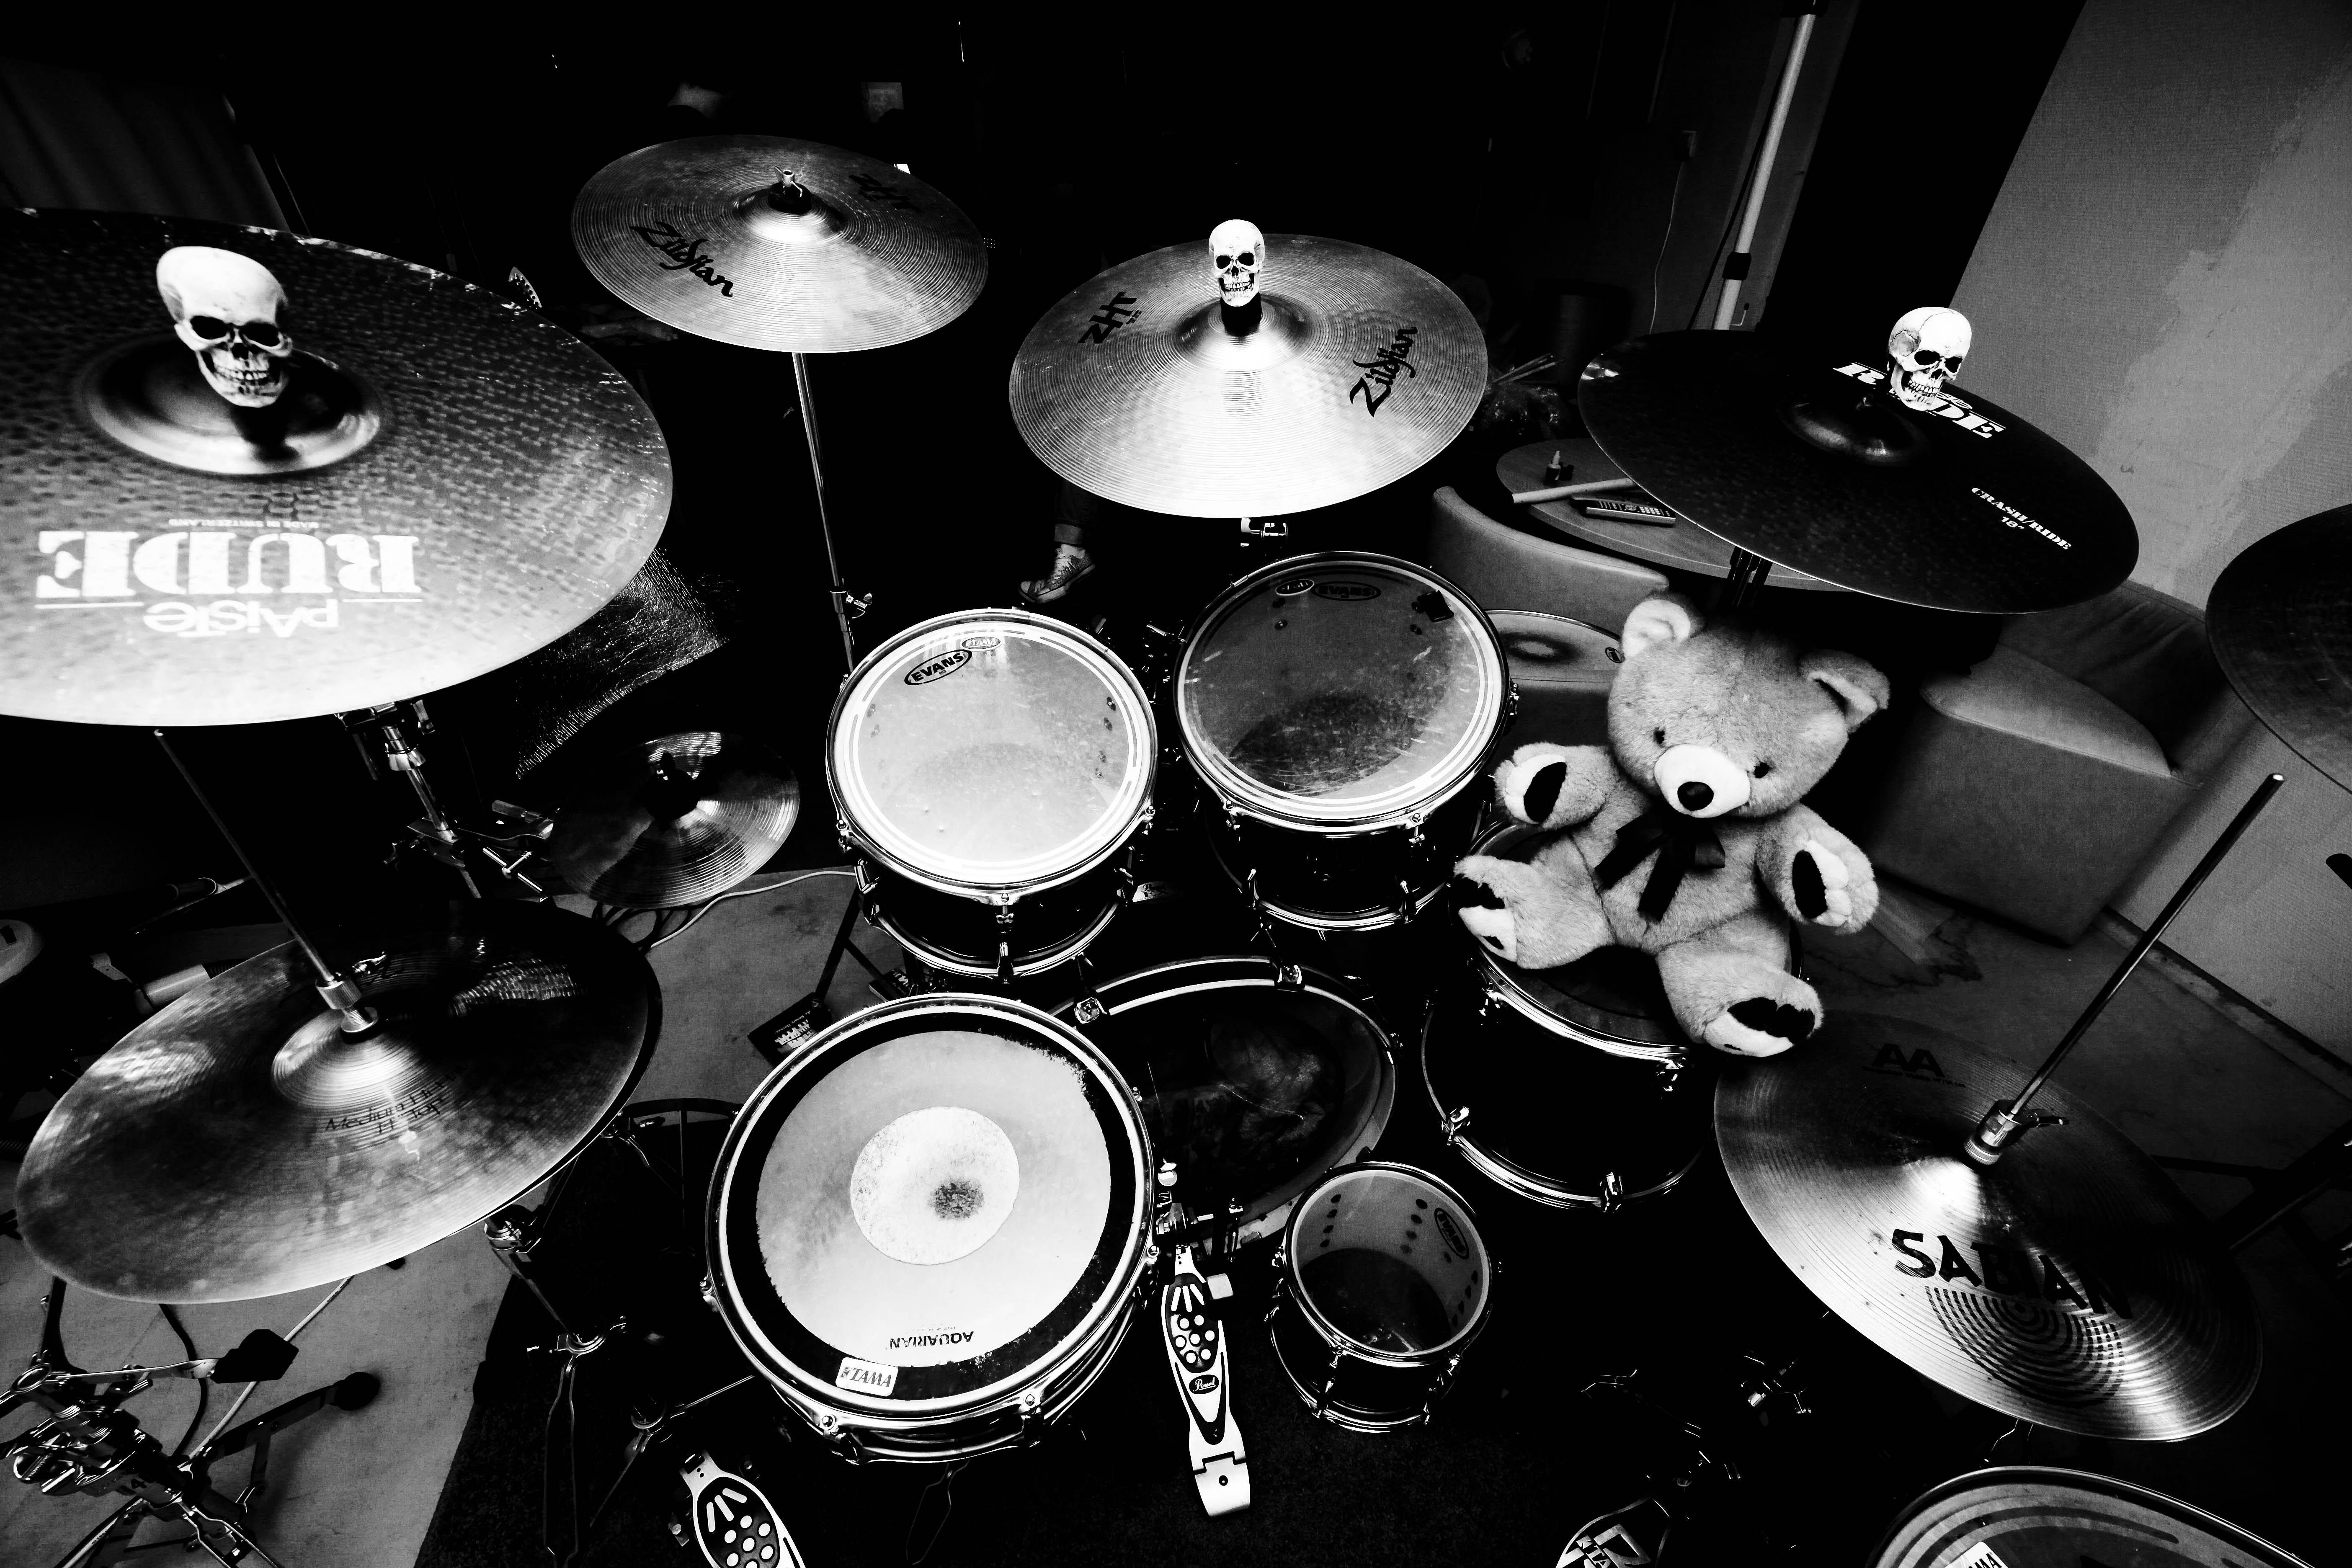 Как научиться играть на барабанах с нуля в домашних условиях 75